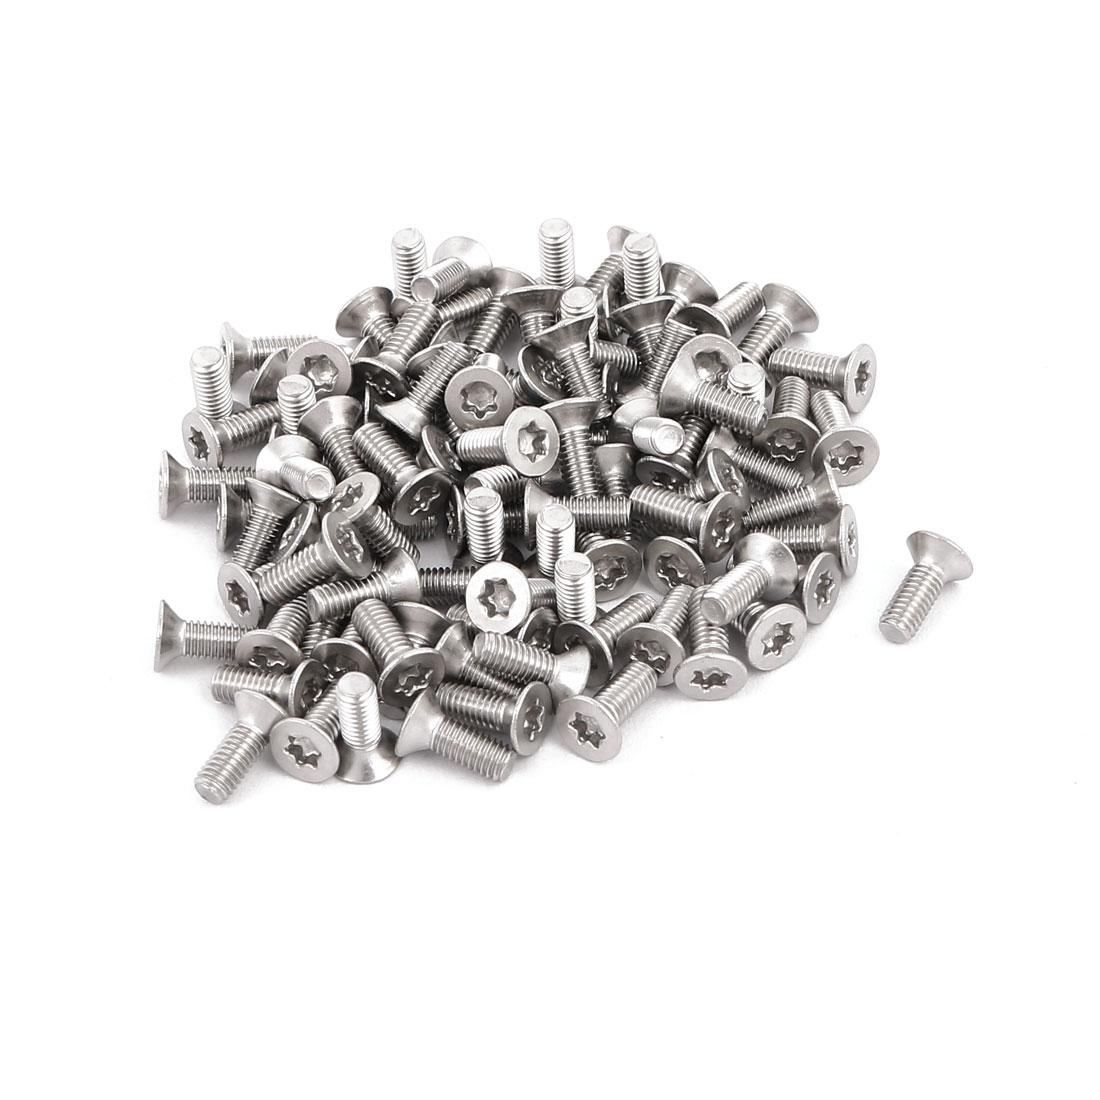 M3x8mm 304 Stainless Steel Fully Thread Flat Head Torx Screws Fasteners 100pcs